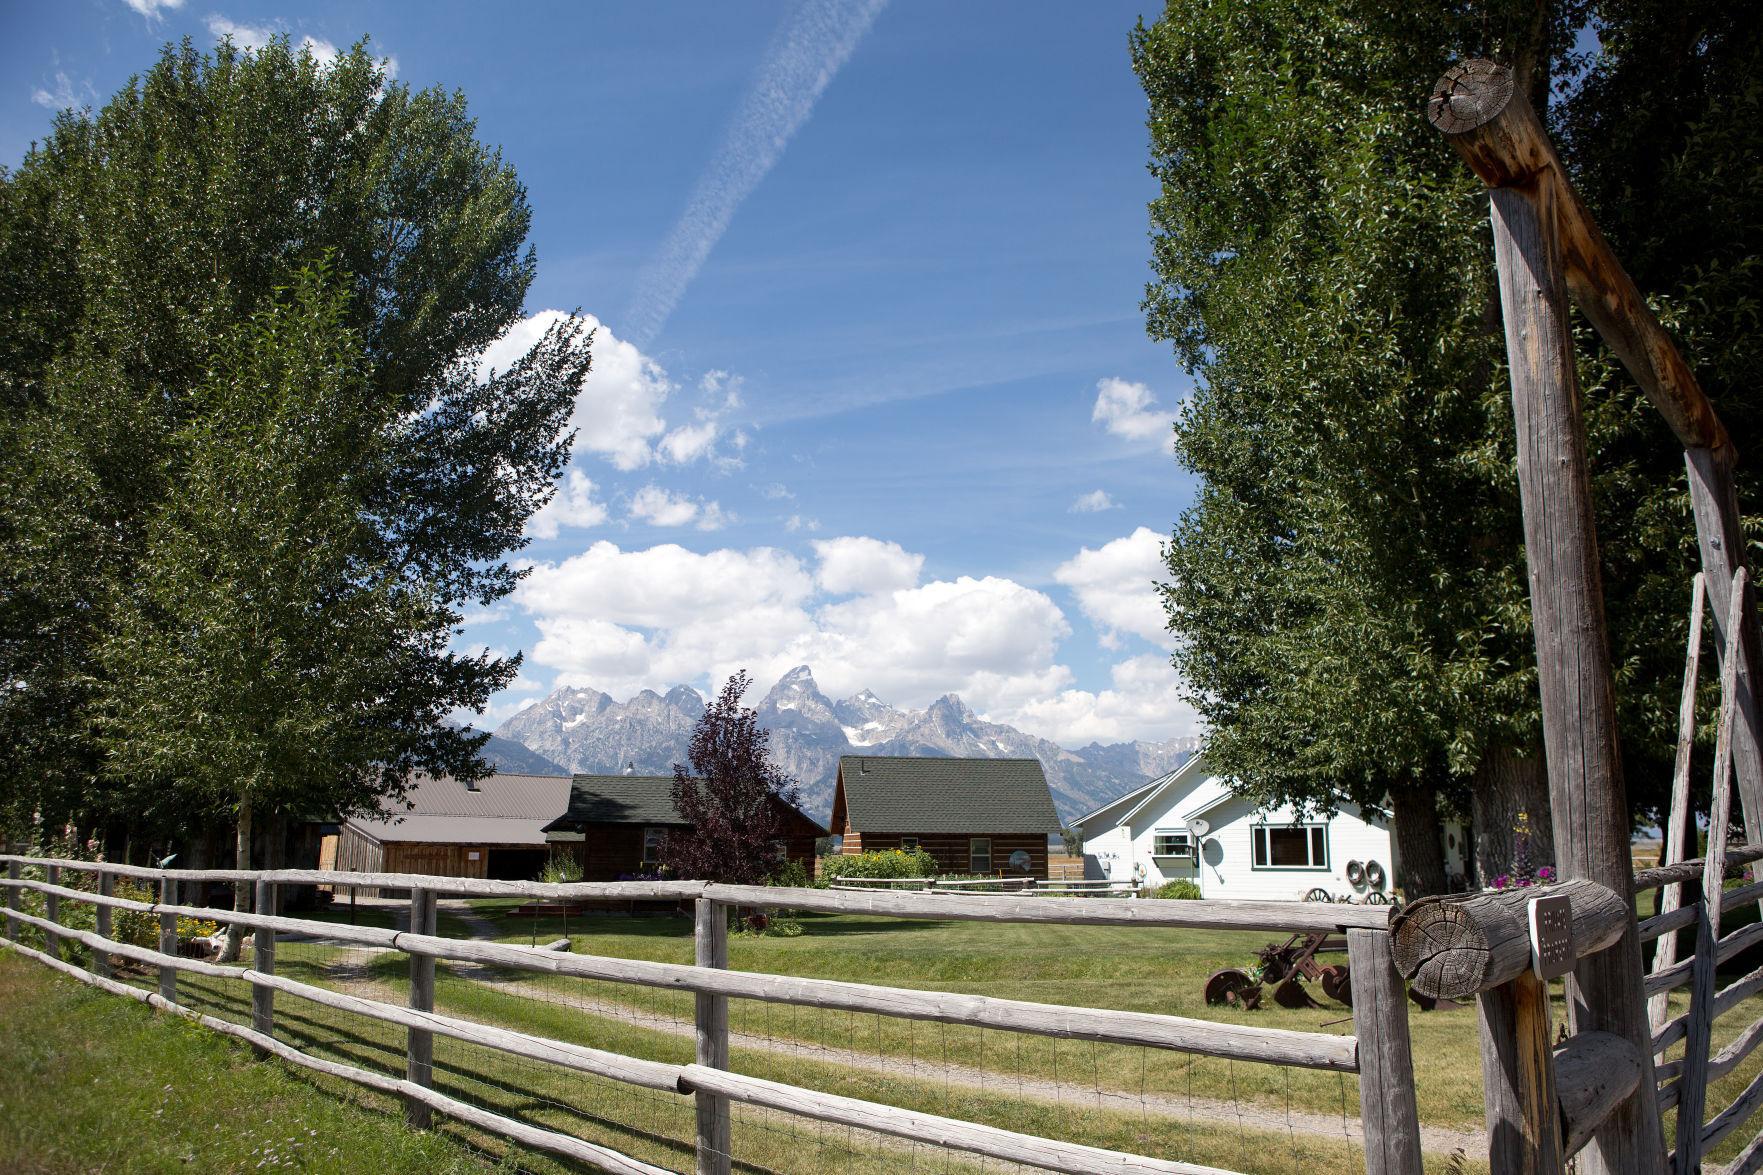 Last private acre on Mormon Row to go to Teton park